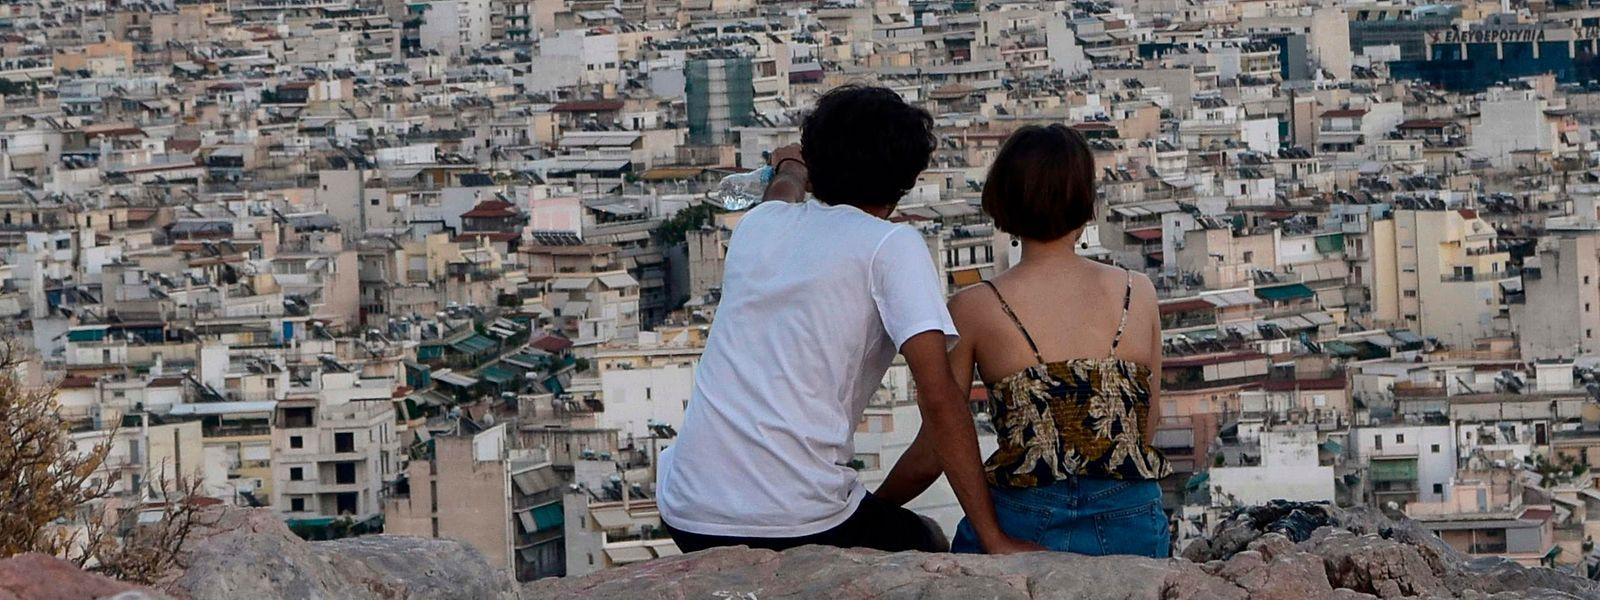 Ein Pärchen sieht auf Athen herab - die Griechen staunen über das schnelle Handeln ihres neuen Premiers.